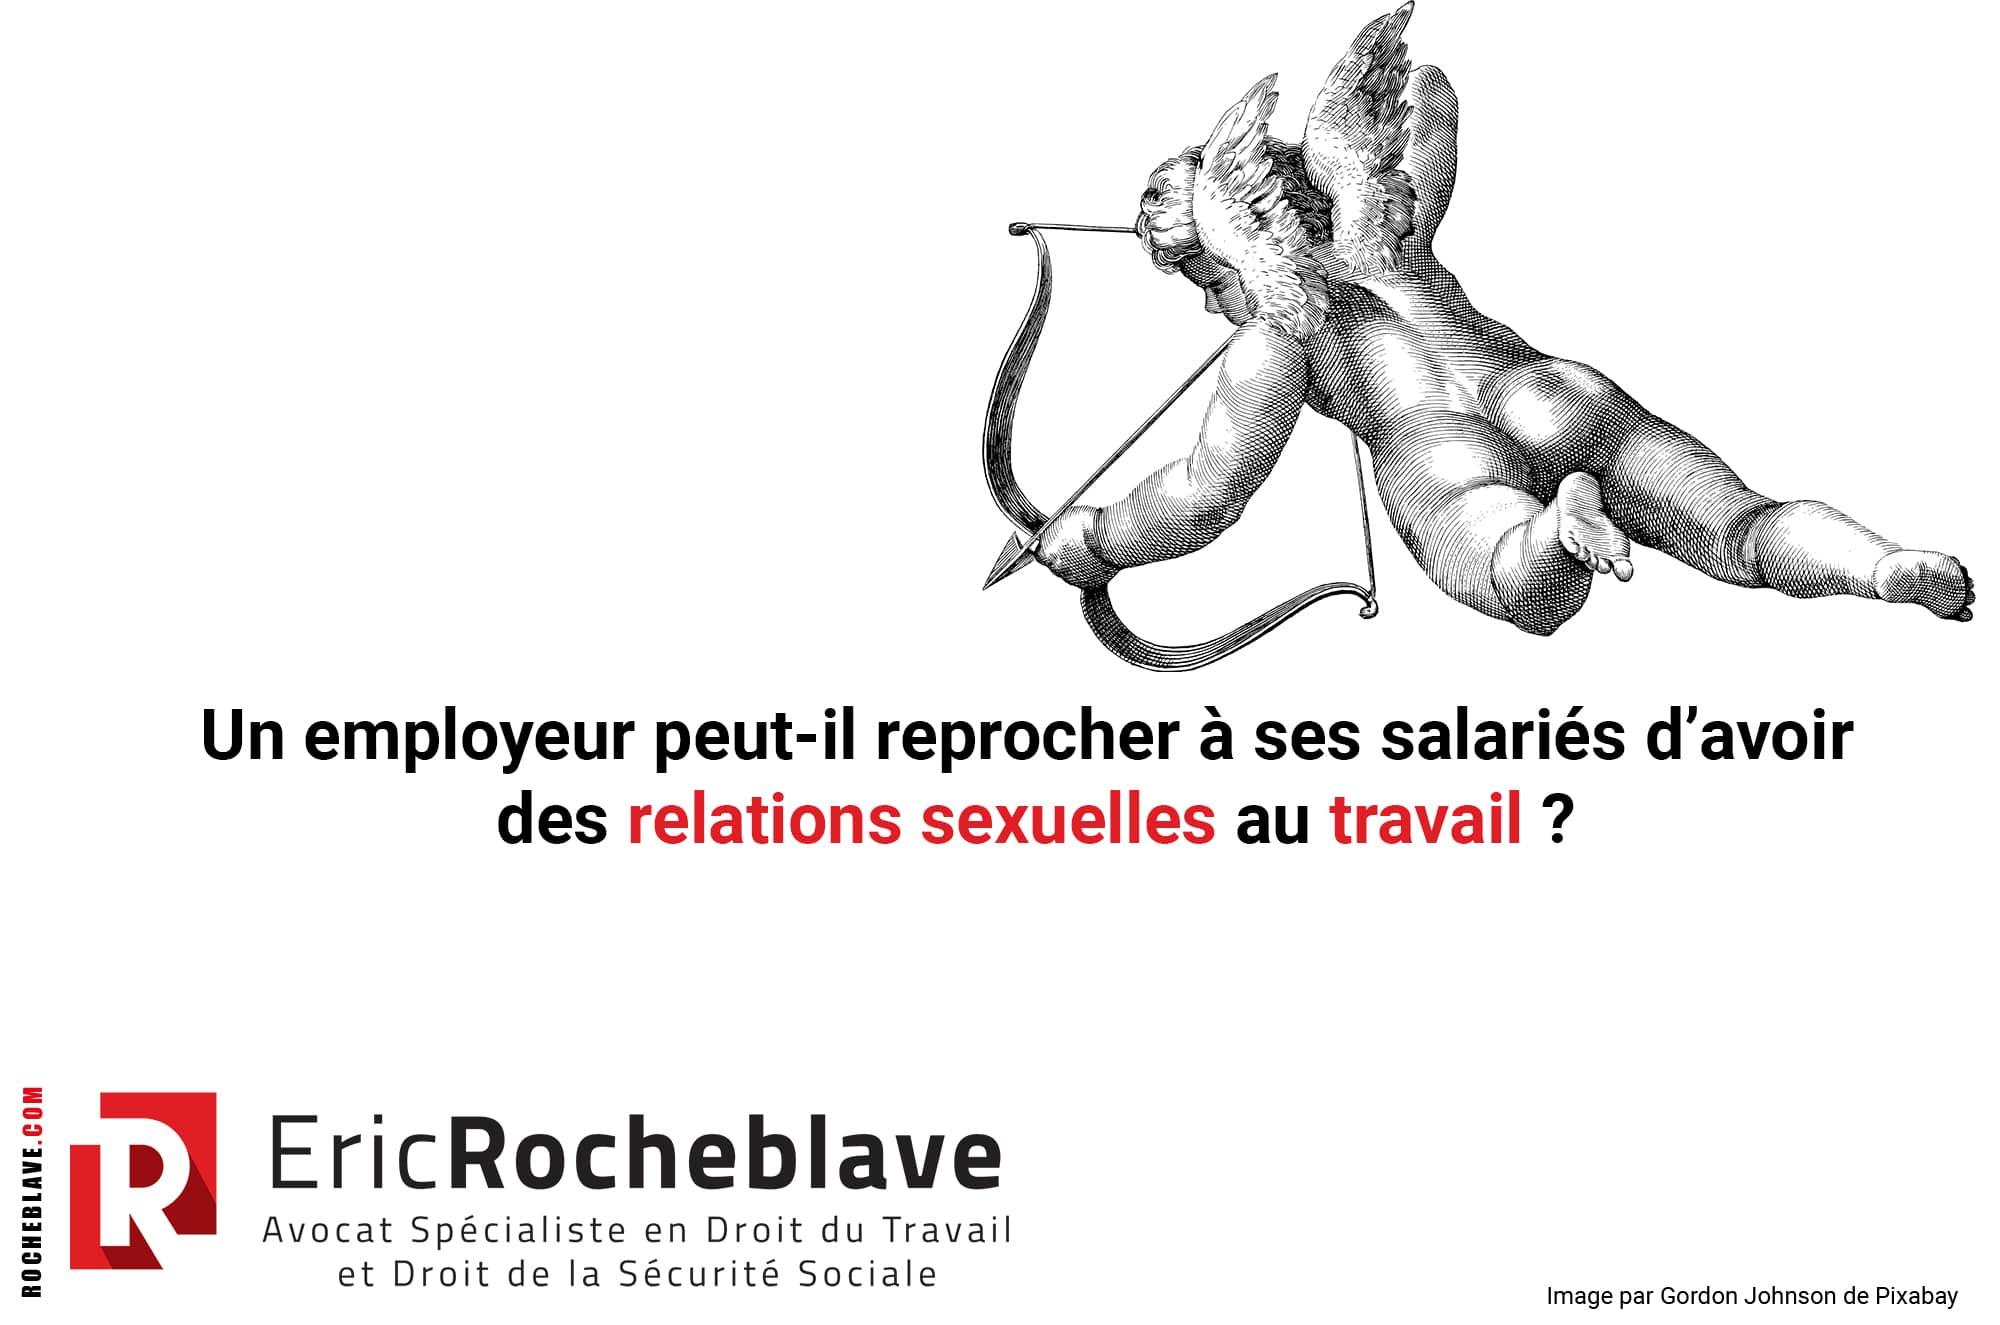 Un employeur peut-il reprocher à ses salariés d'avoir des relations sexuelles au travail ?